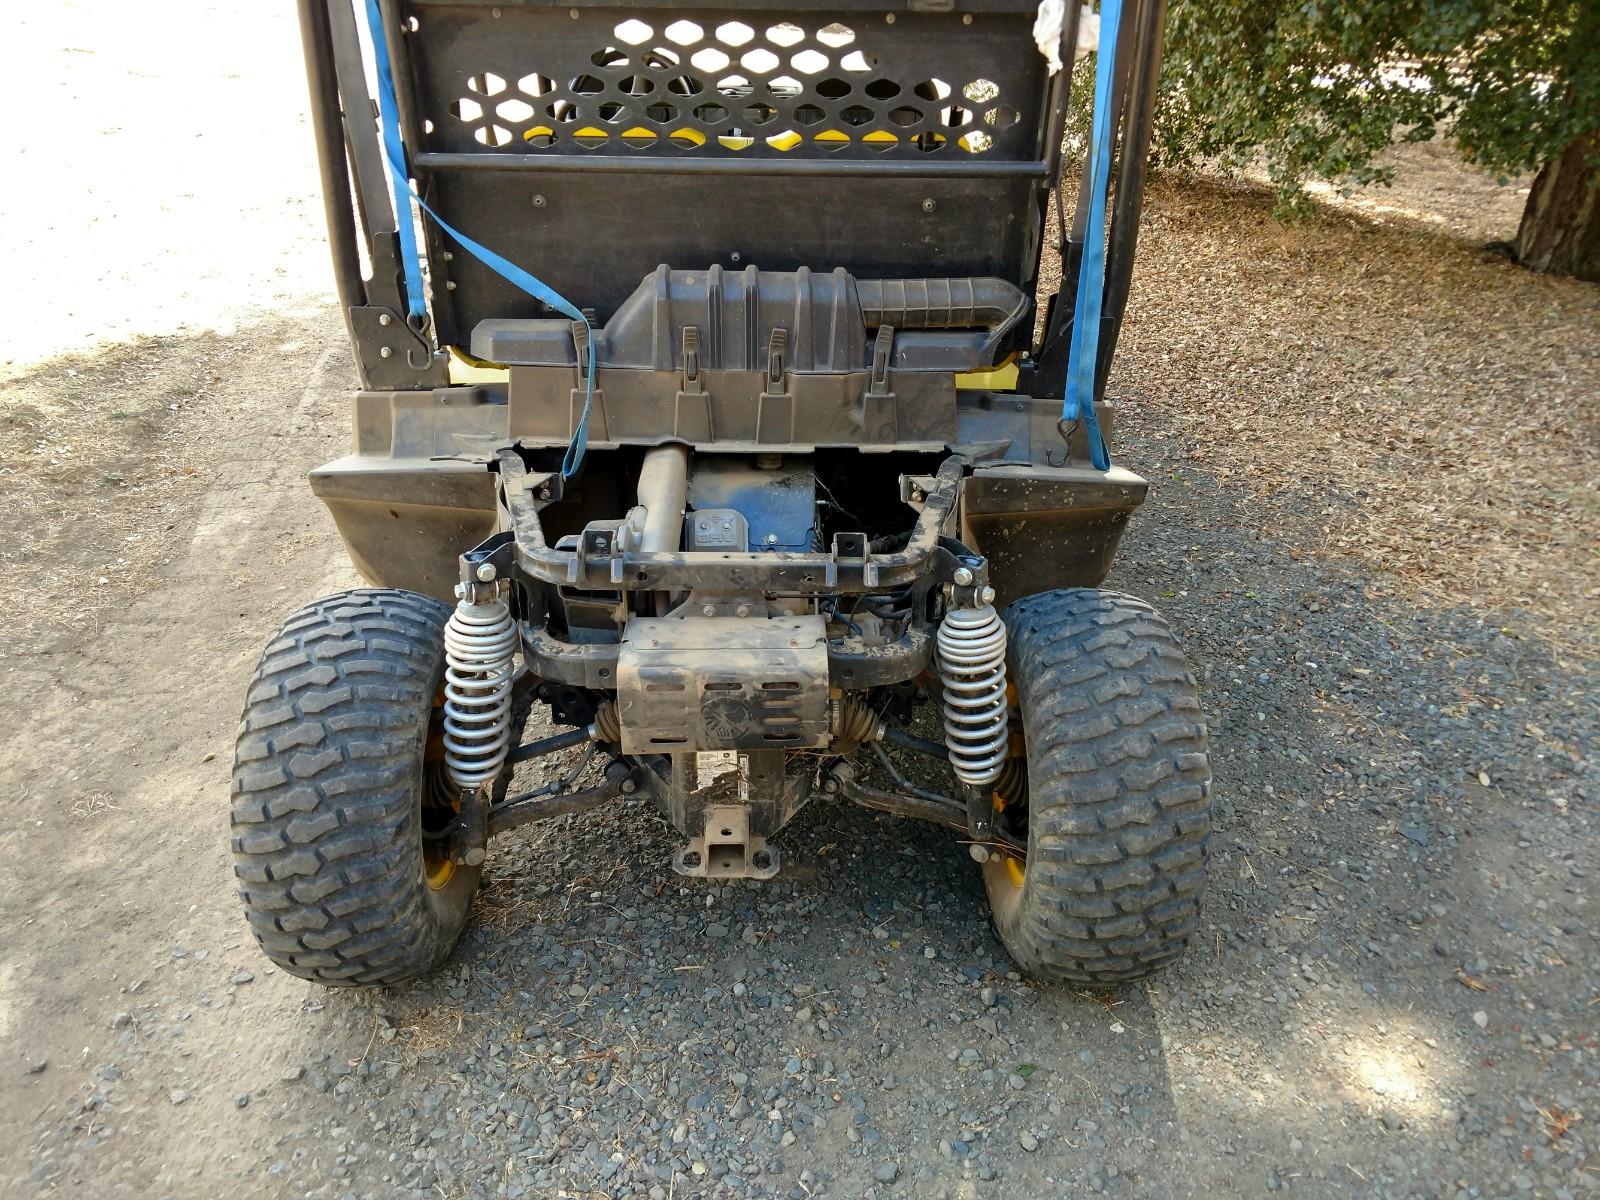 Xuv550 s4 lift kit - John Deere Gator Forums